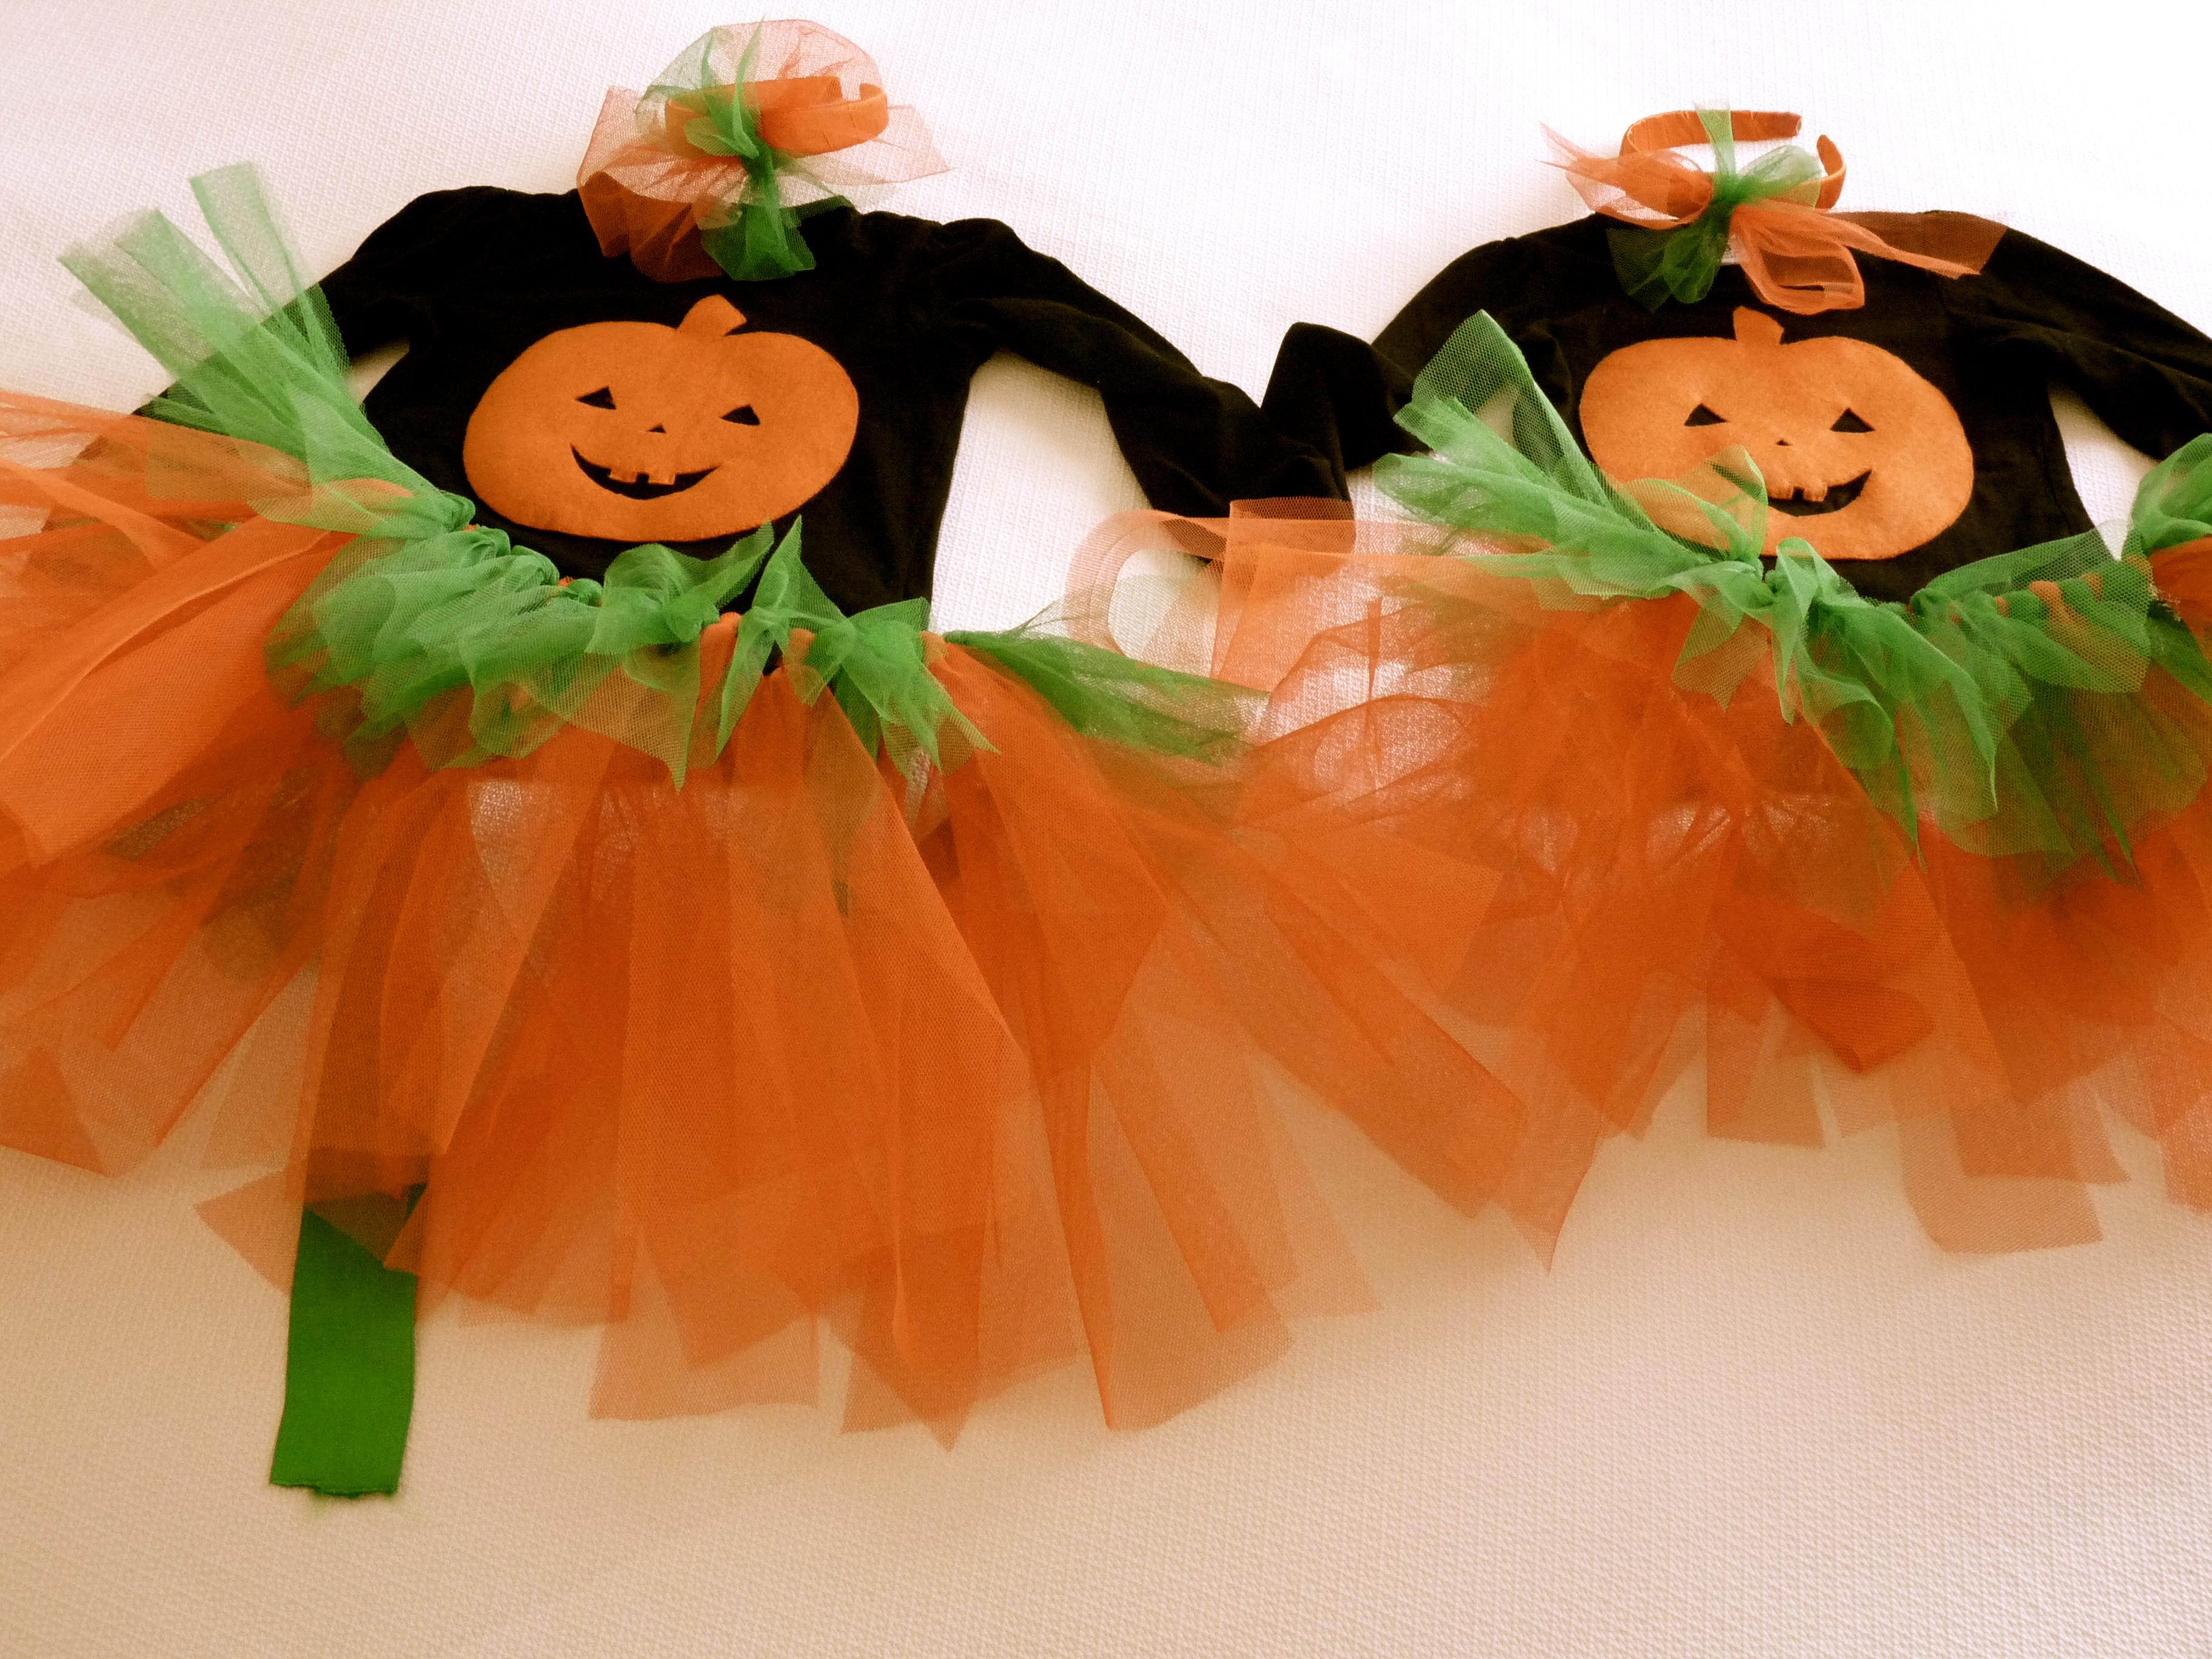 Disfraces del terror los colores del camale n - Disfraces halloween calabaza para ninos ...